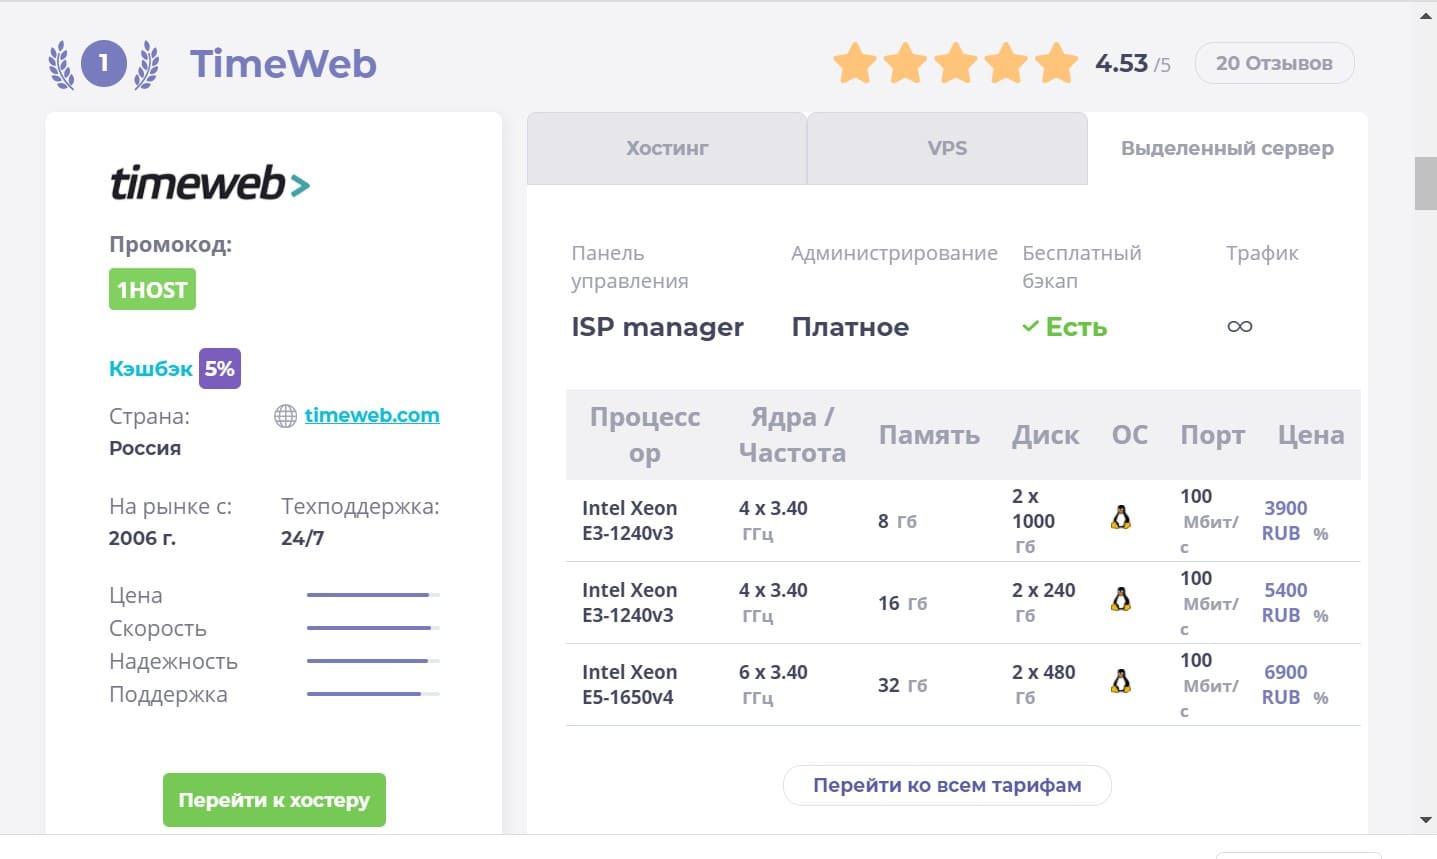 Виды хостингов и особенности размещения на них веб-сайтов